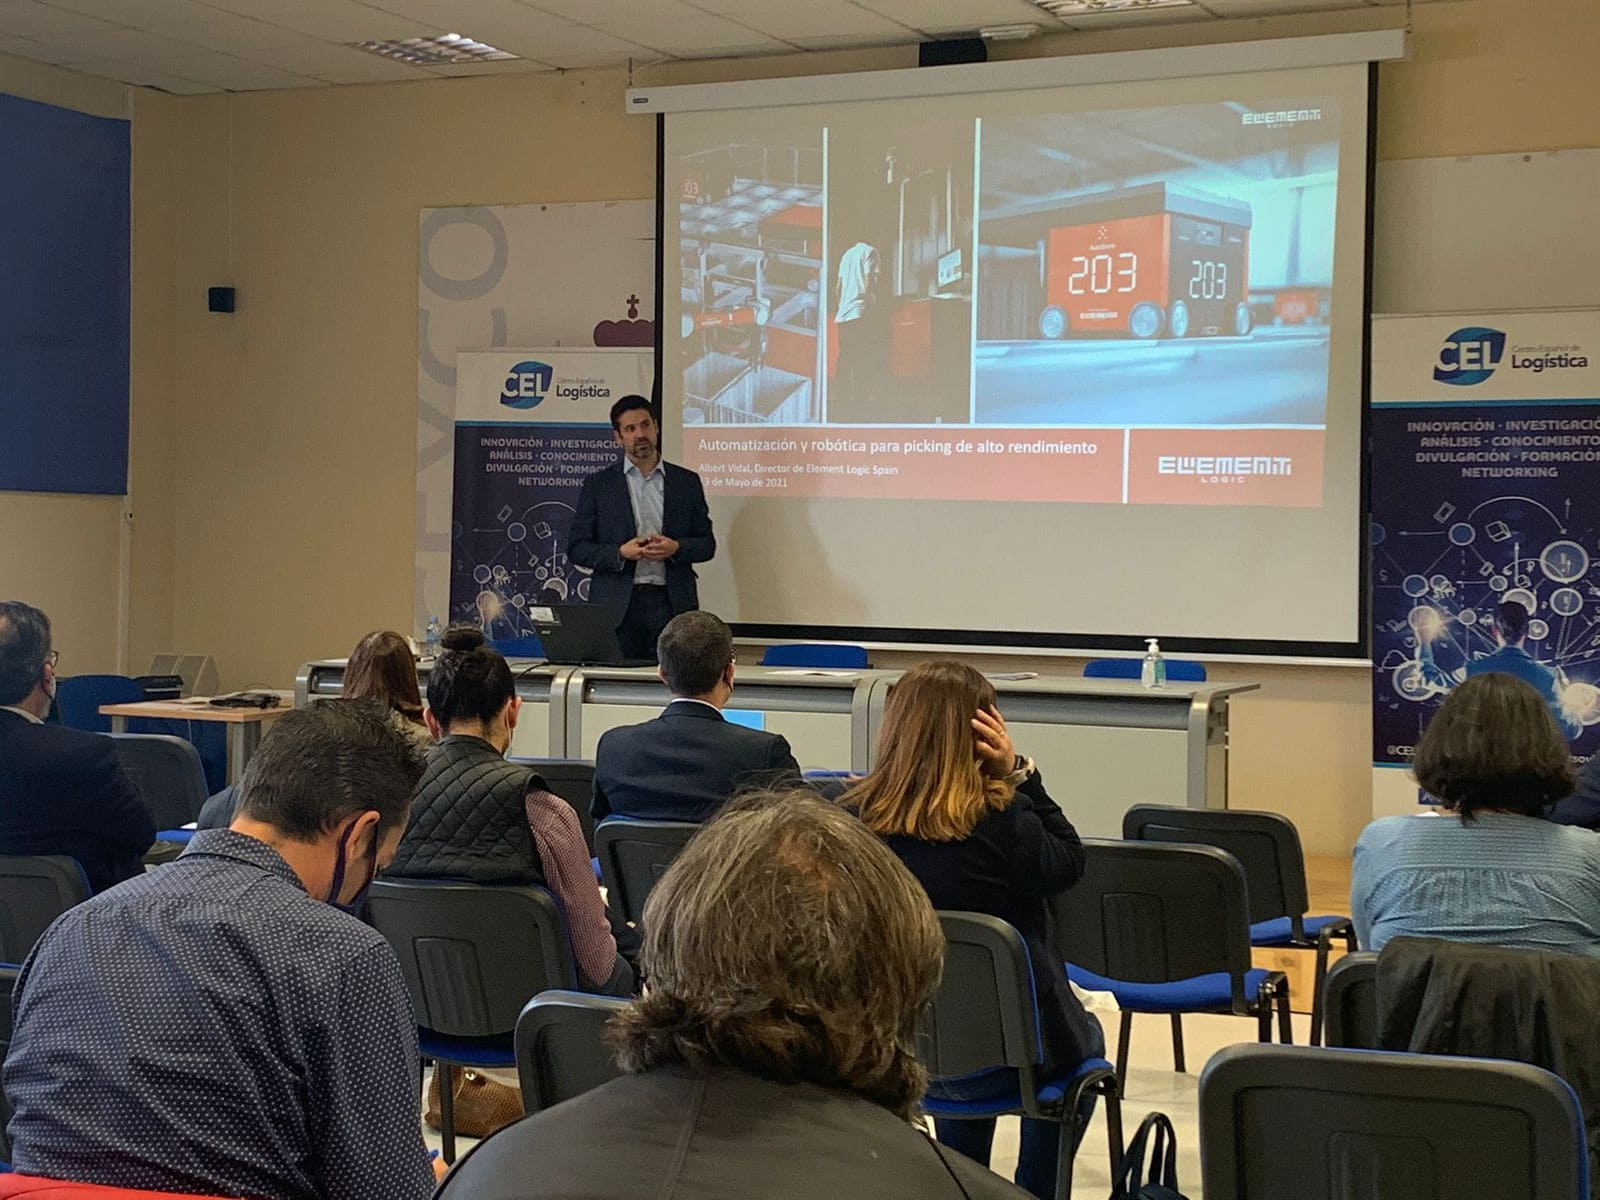 Un instante durante la presentación del director de Element Logic en España, Albert Vidal, en la conferencia organizada por el CEL